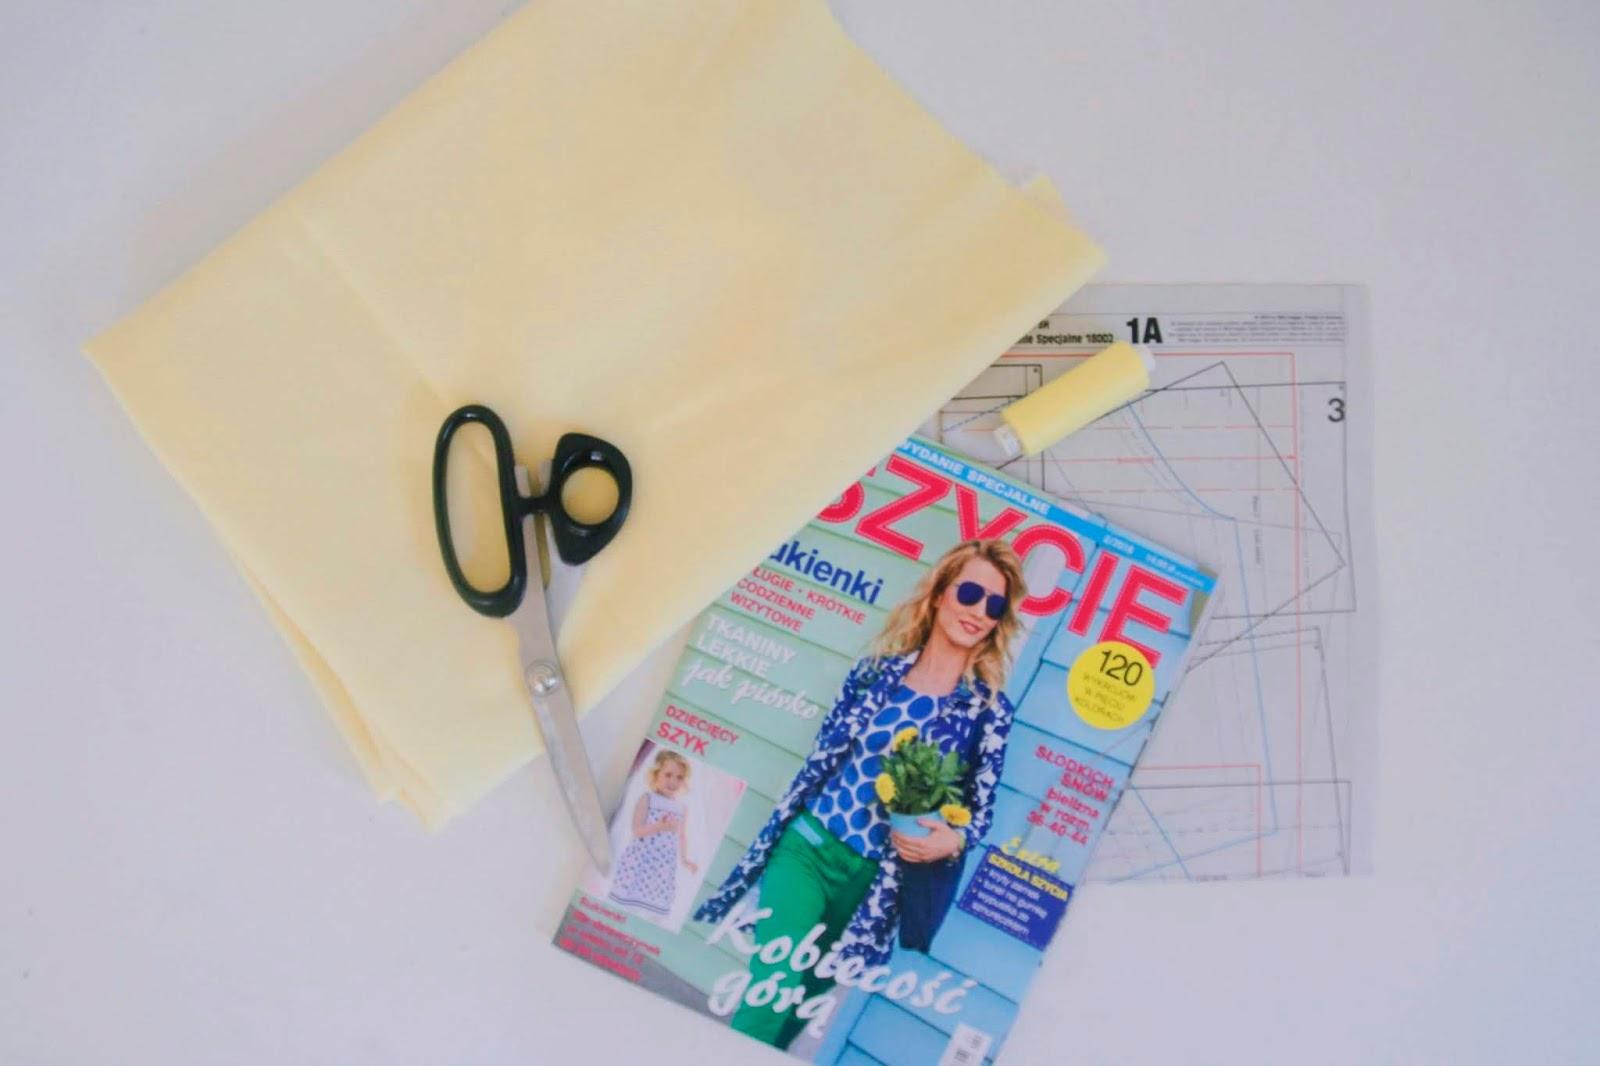 Żółta spódnica jako nowe doświadczenie